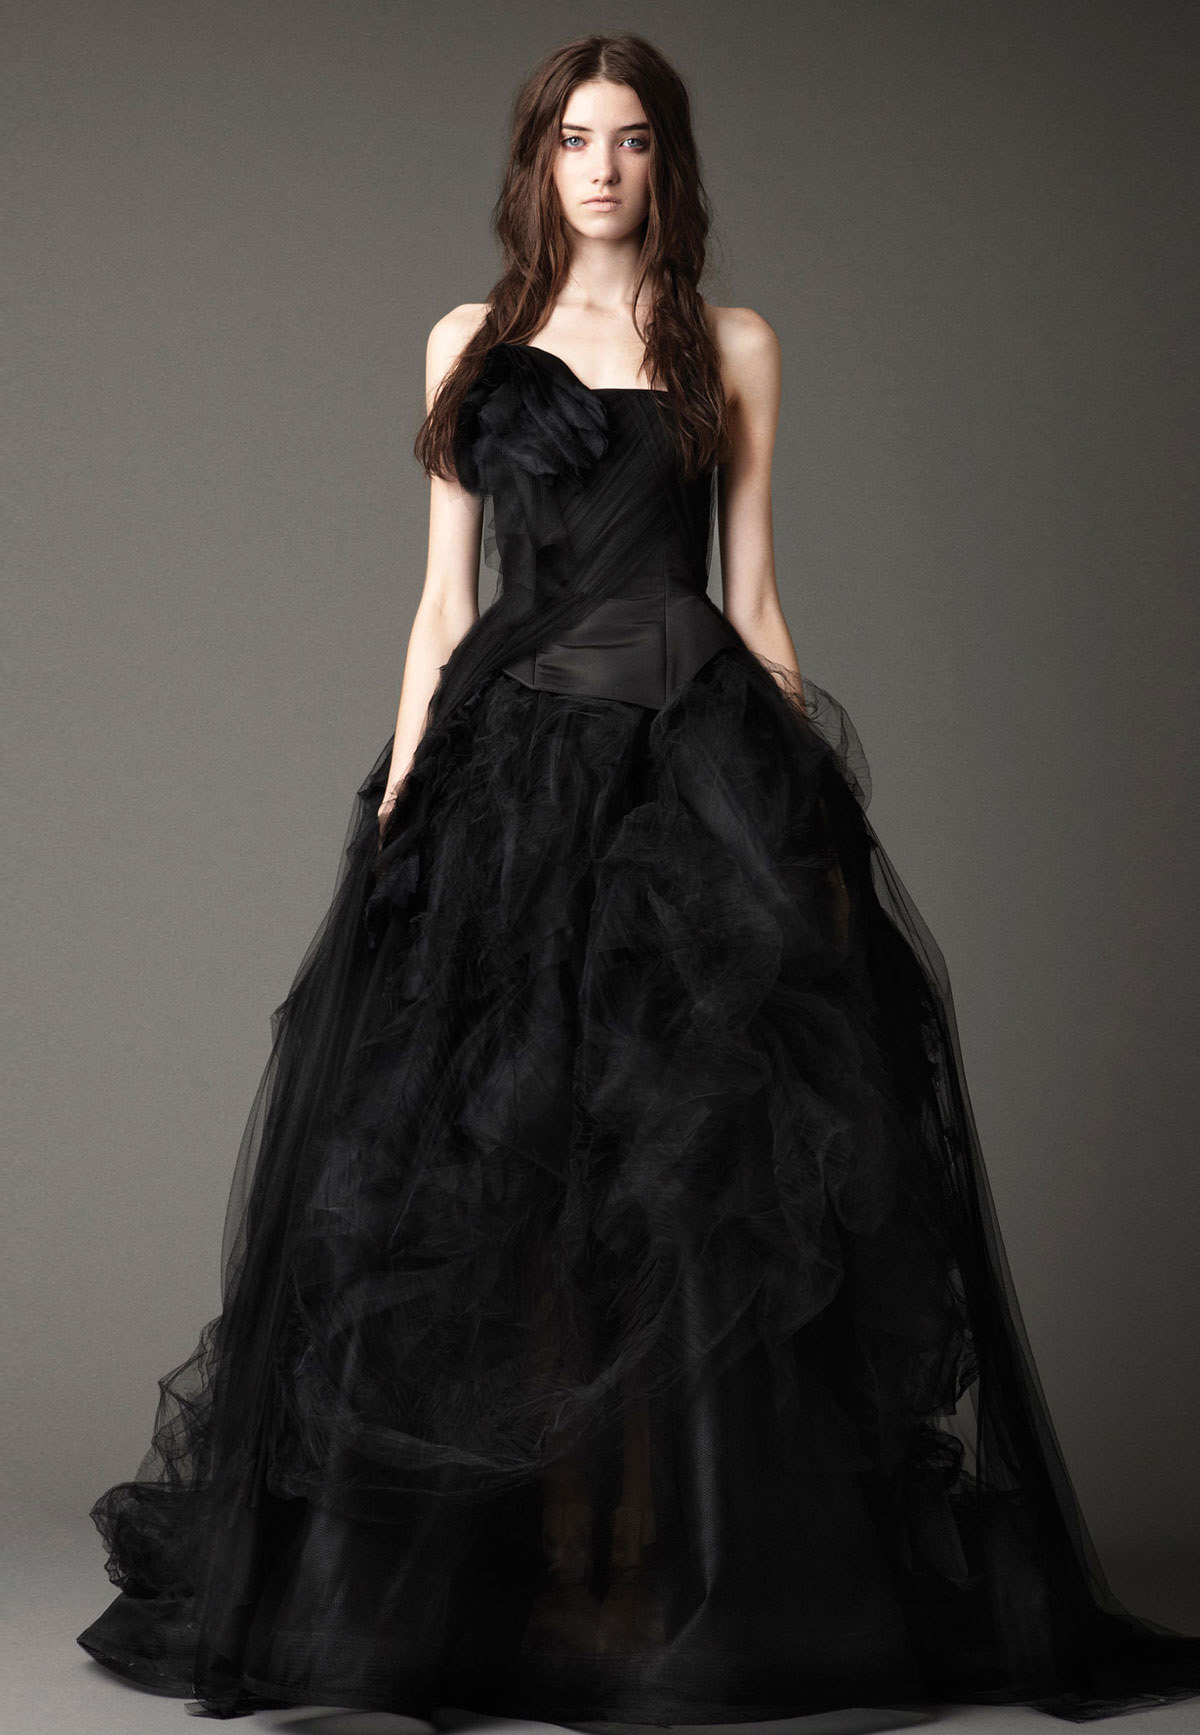 Vera wang collection automne hiver 2012 for Collection de robe de mariage vera wang